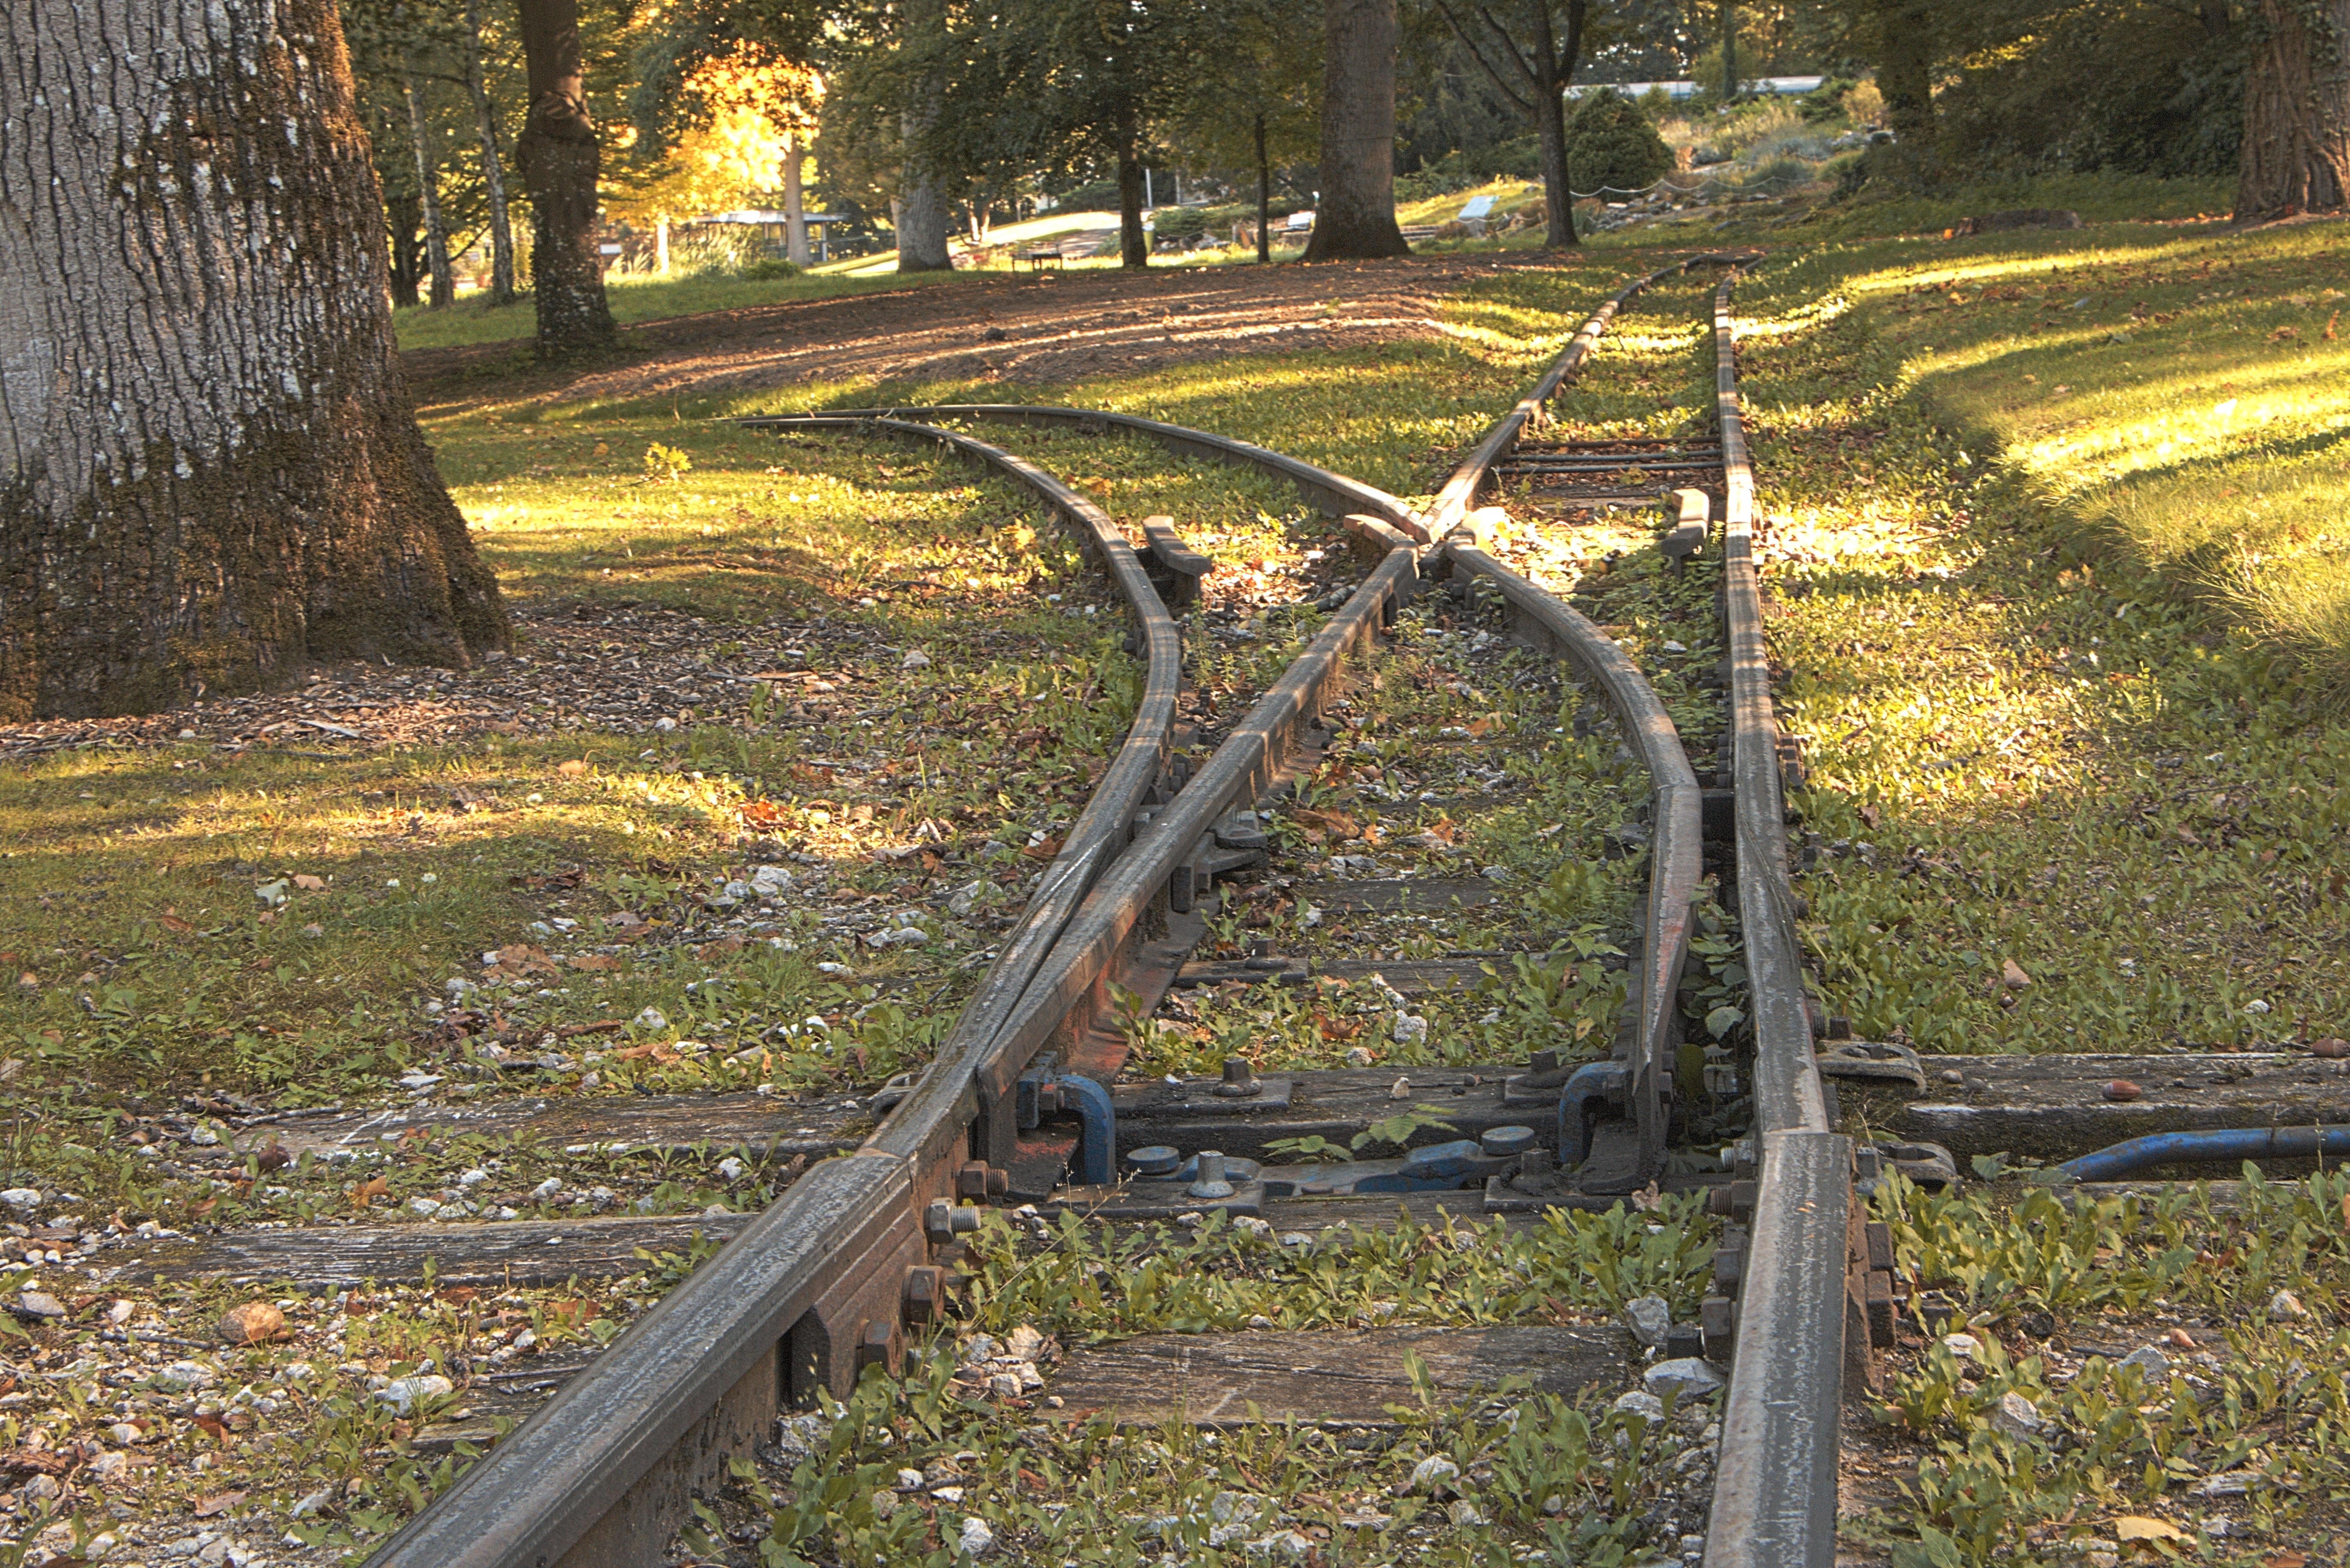 как фотографировать железную дорогу свадьбы, фотоидеи